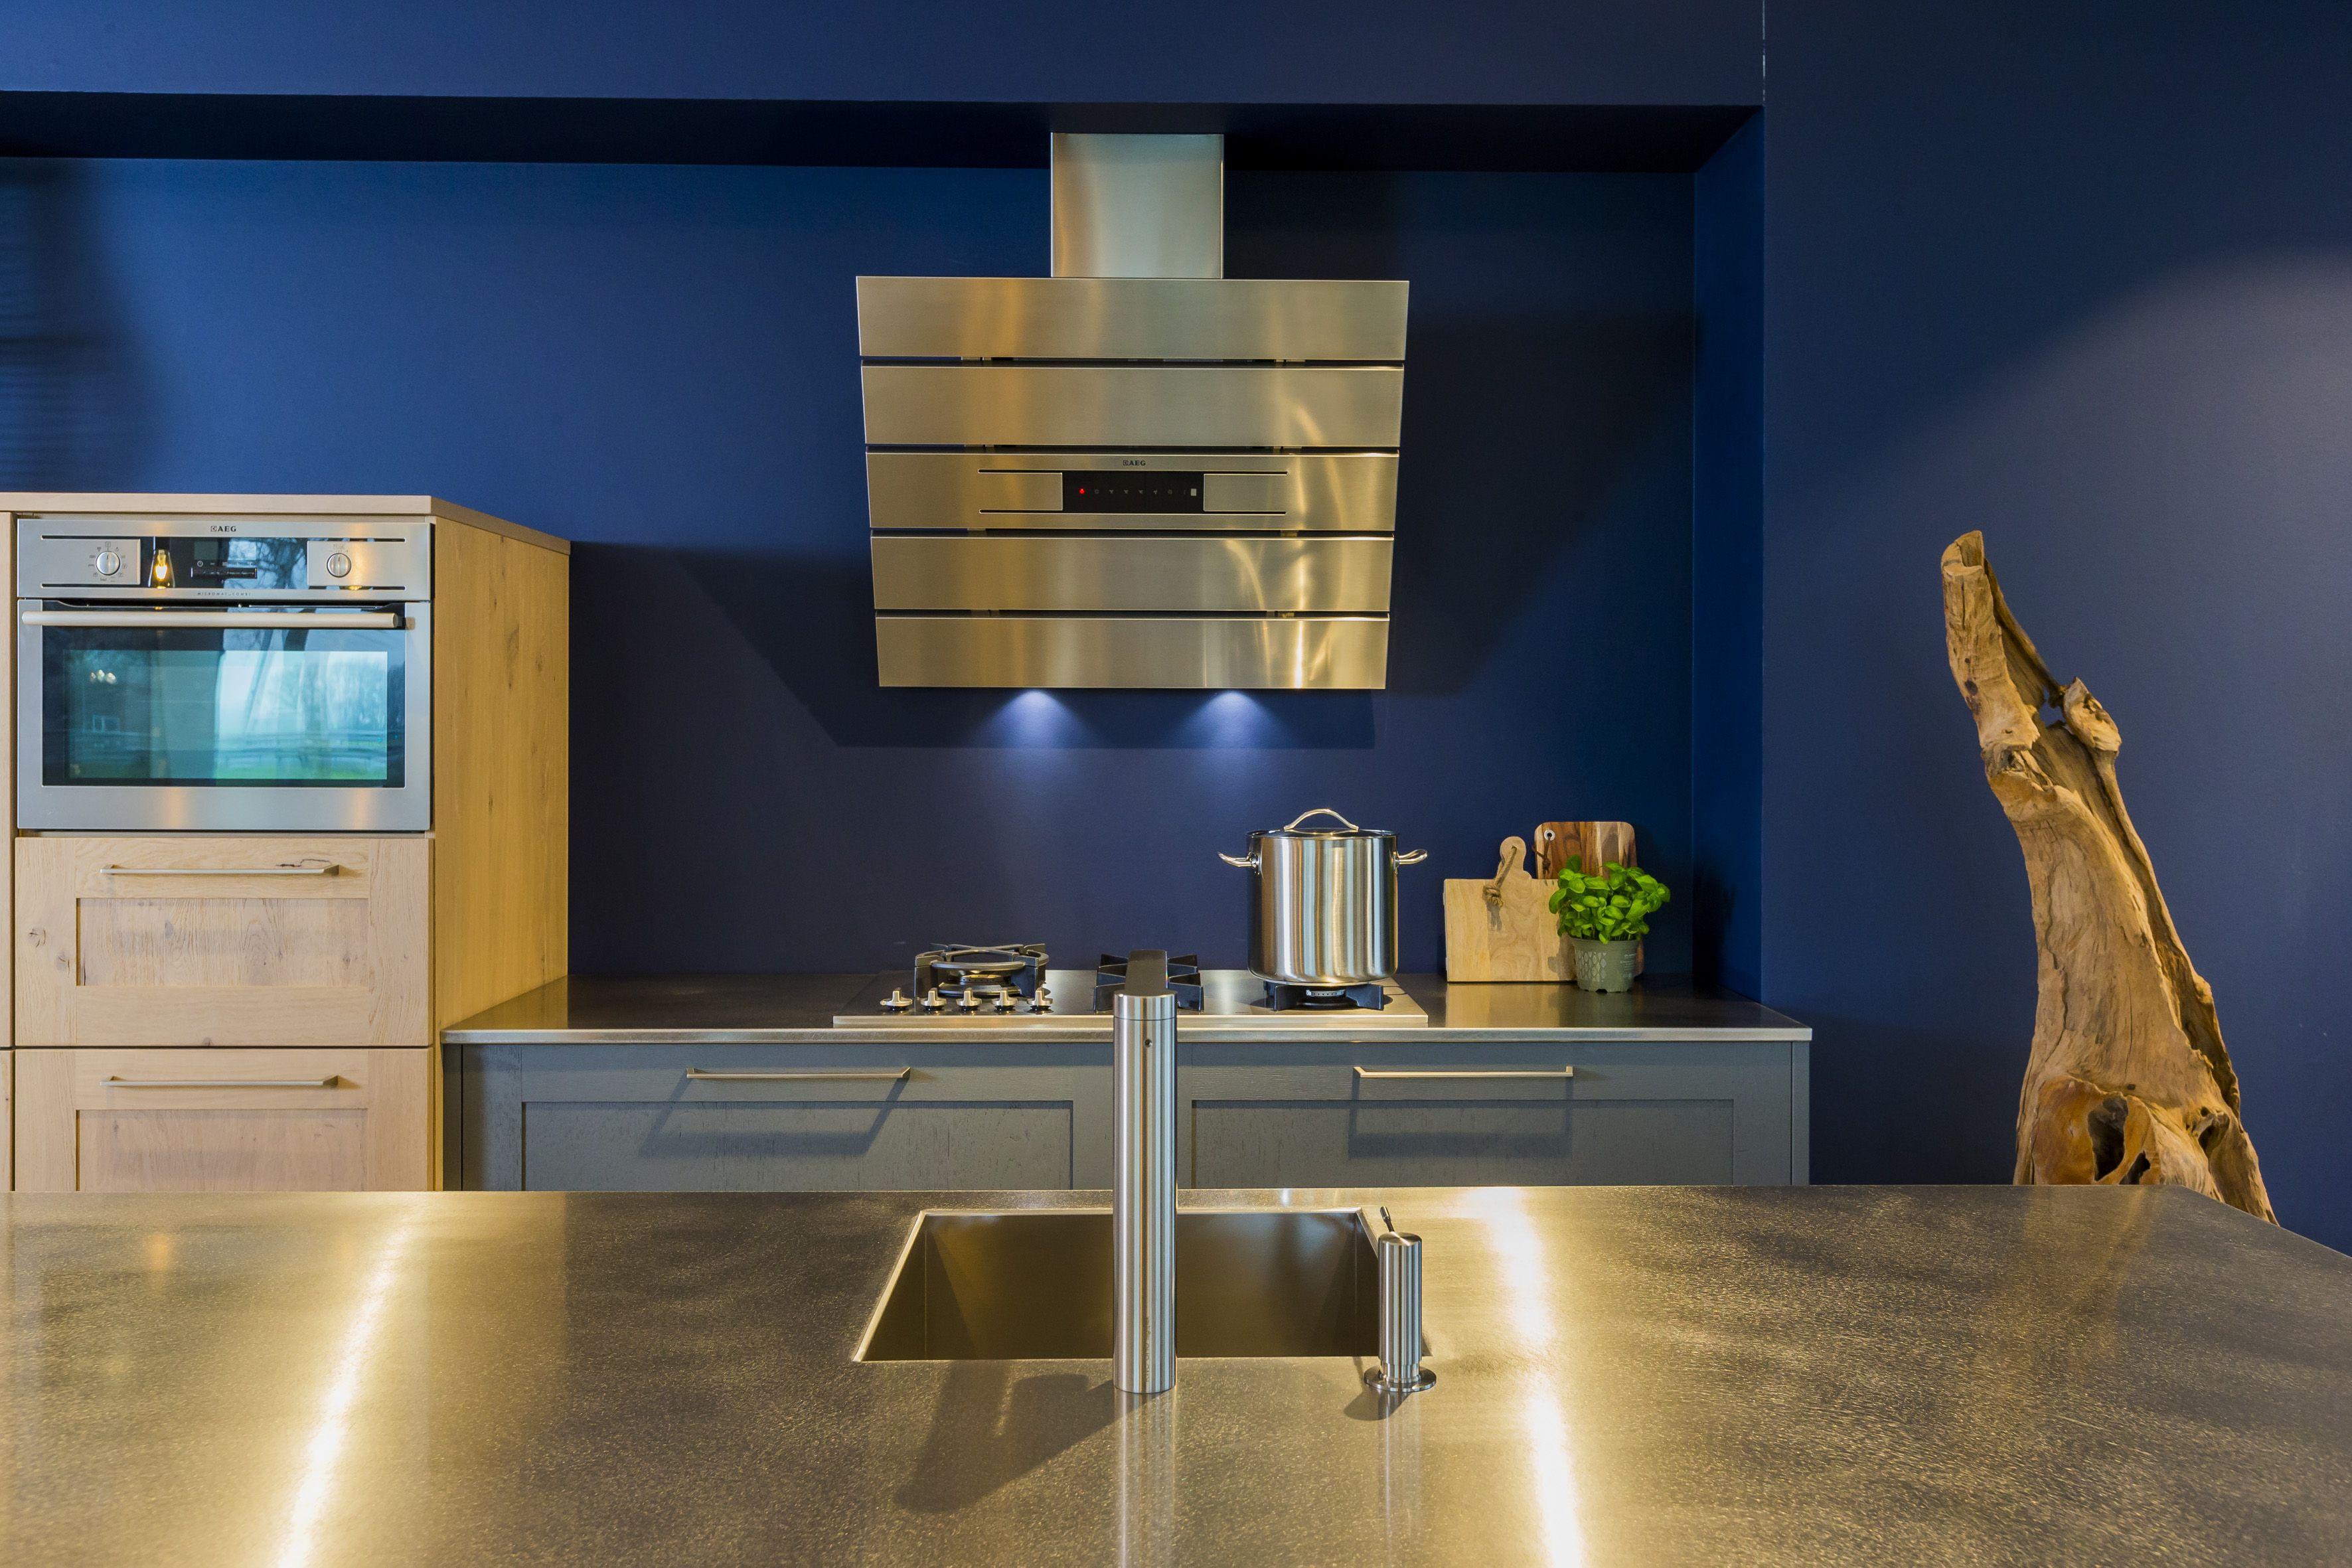 Ideas Industriele Keuken : Modern industriele keuken met rvs blad en spoeleiland. deze